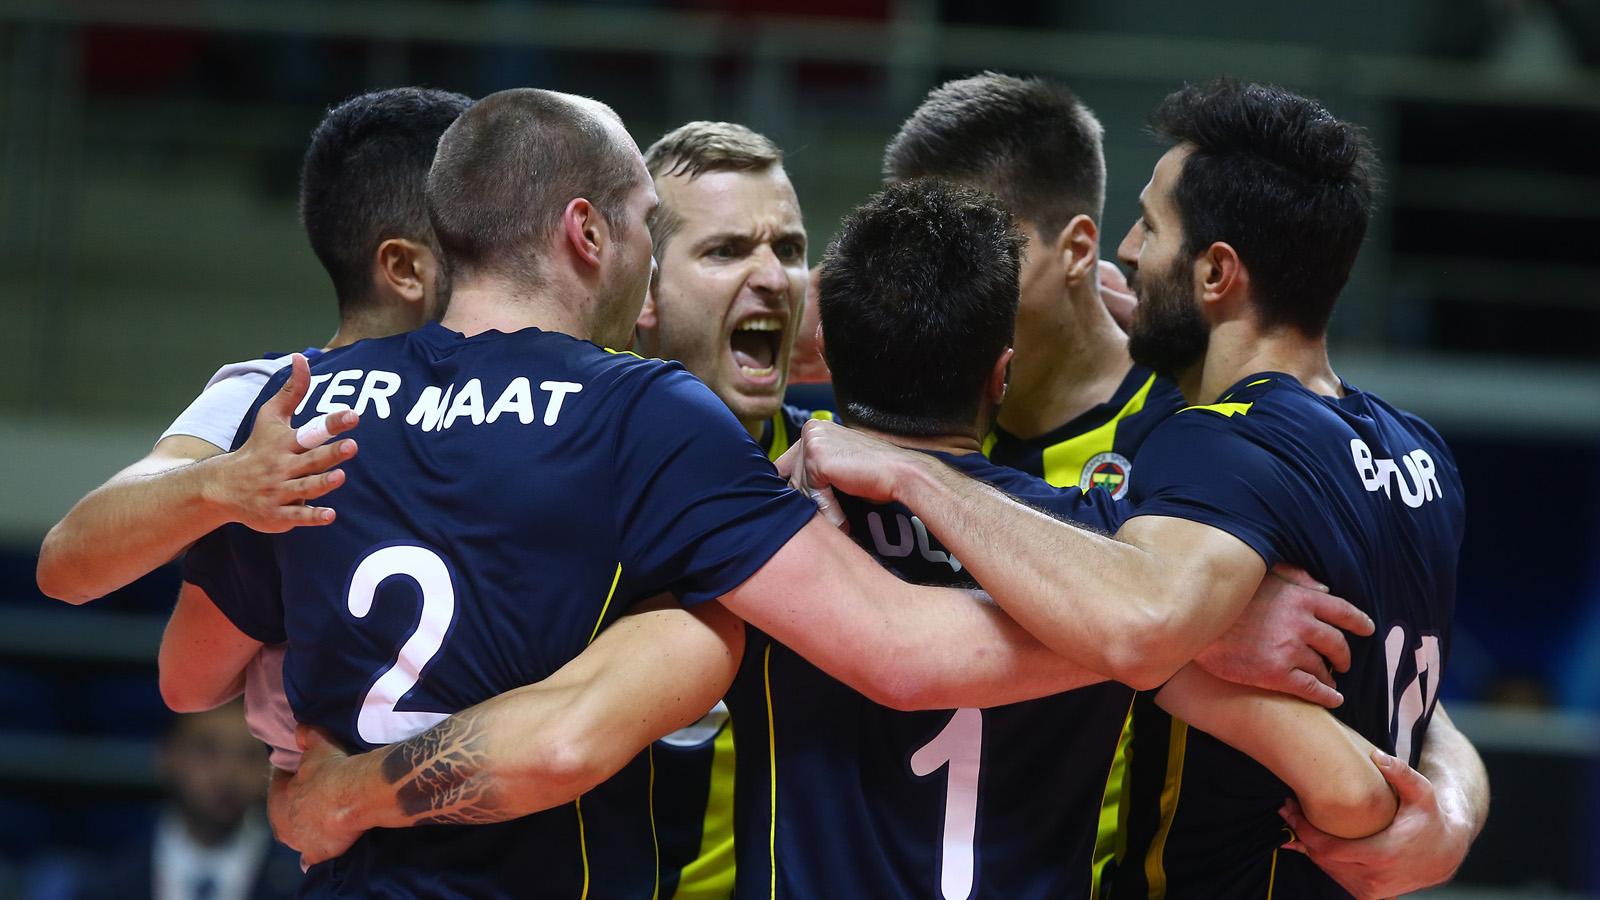 Erkek Voleybol Takımımız, AXA Sigorta Kupa Voley Erkekler Kategorisi'nde ilk maçına çıkıyor